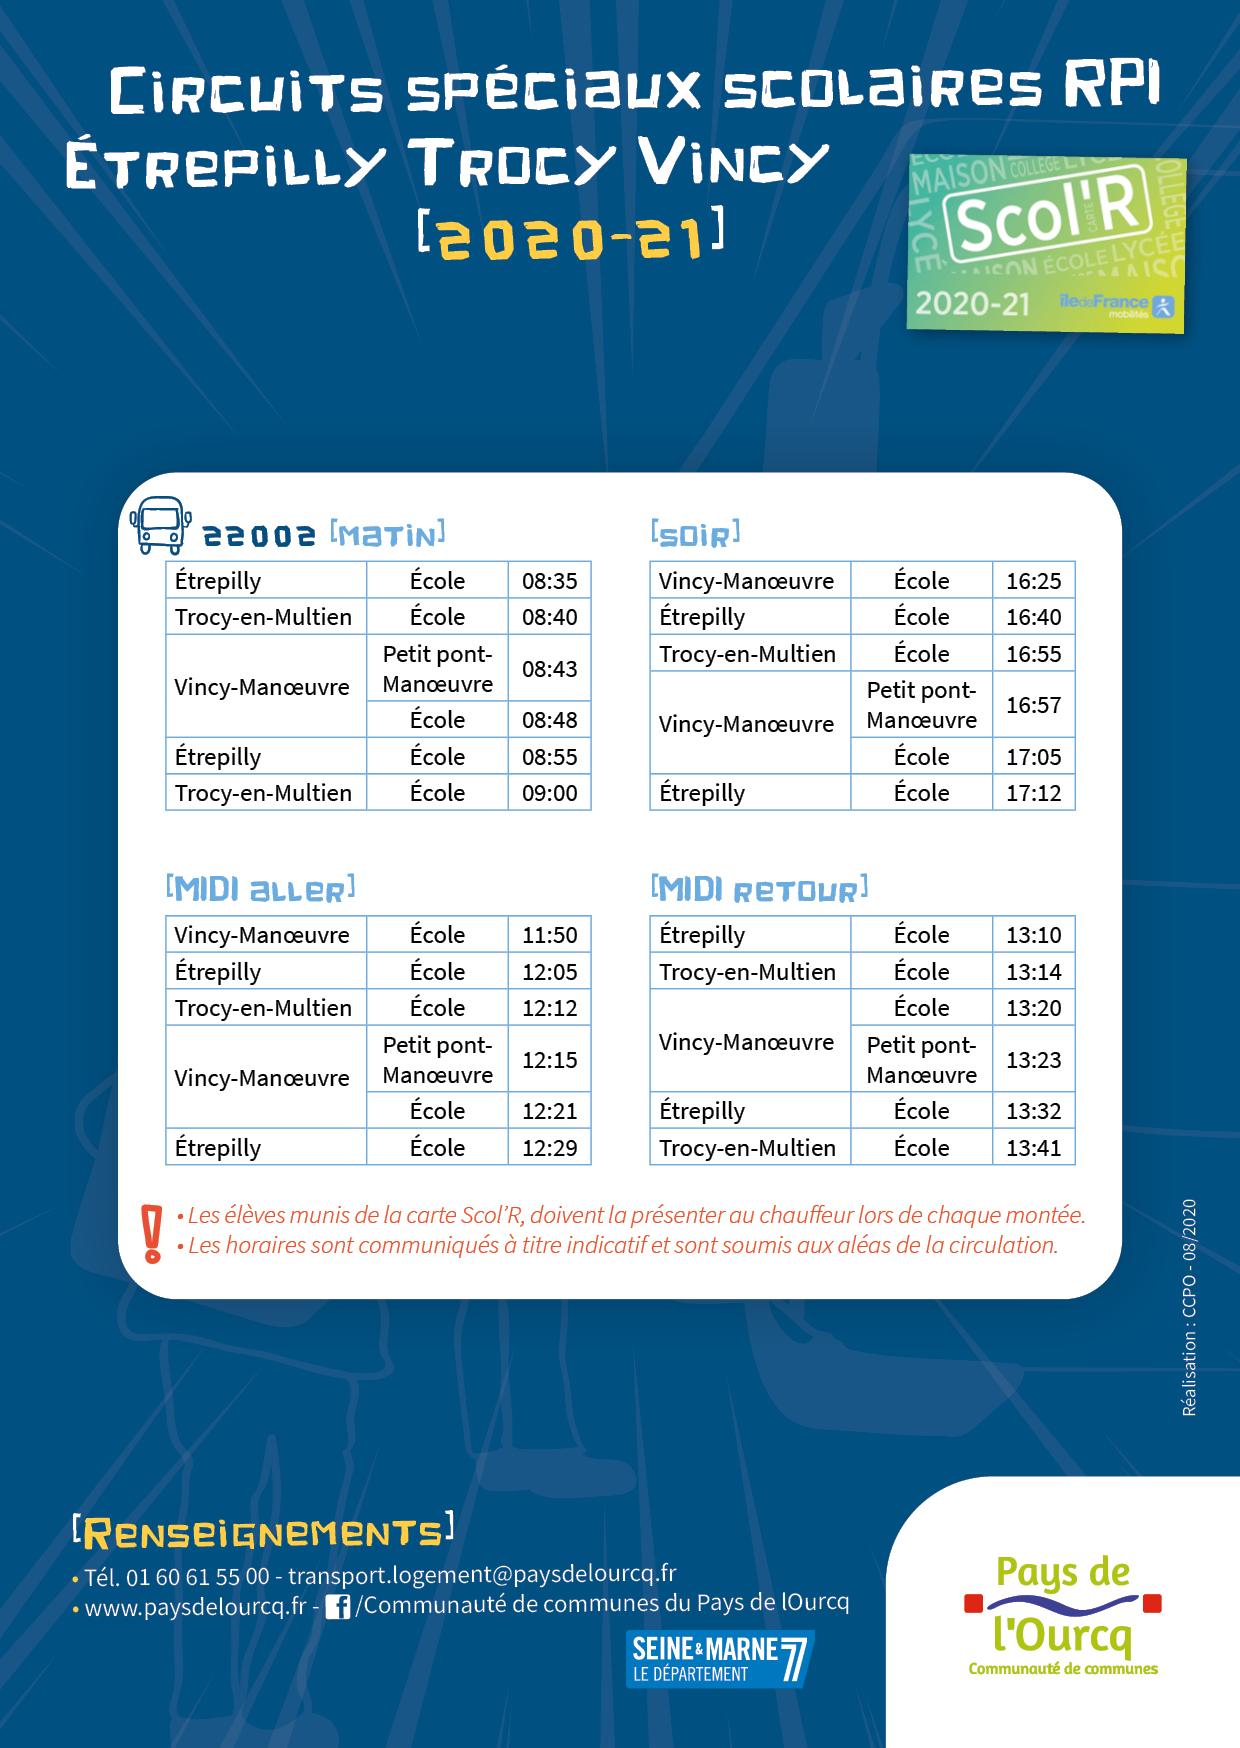 horaires de bus du RPI